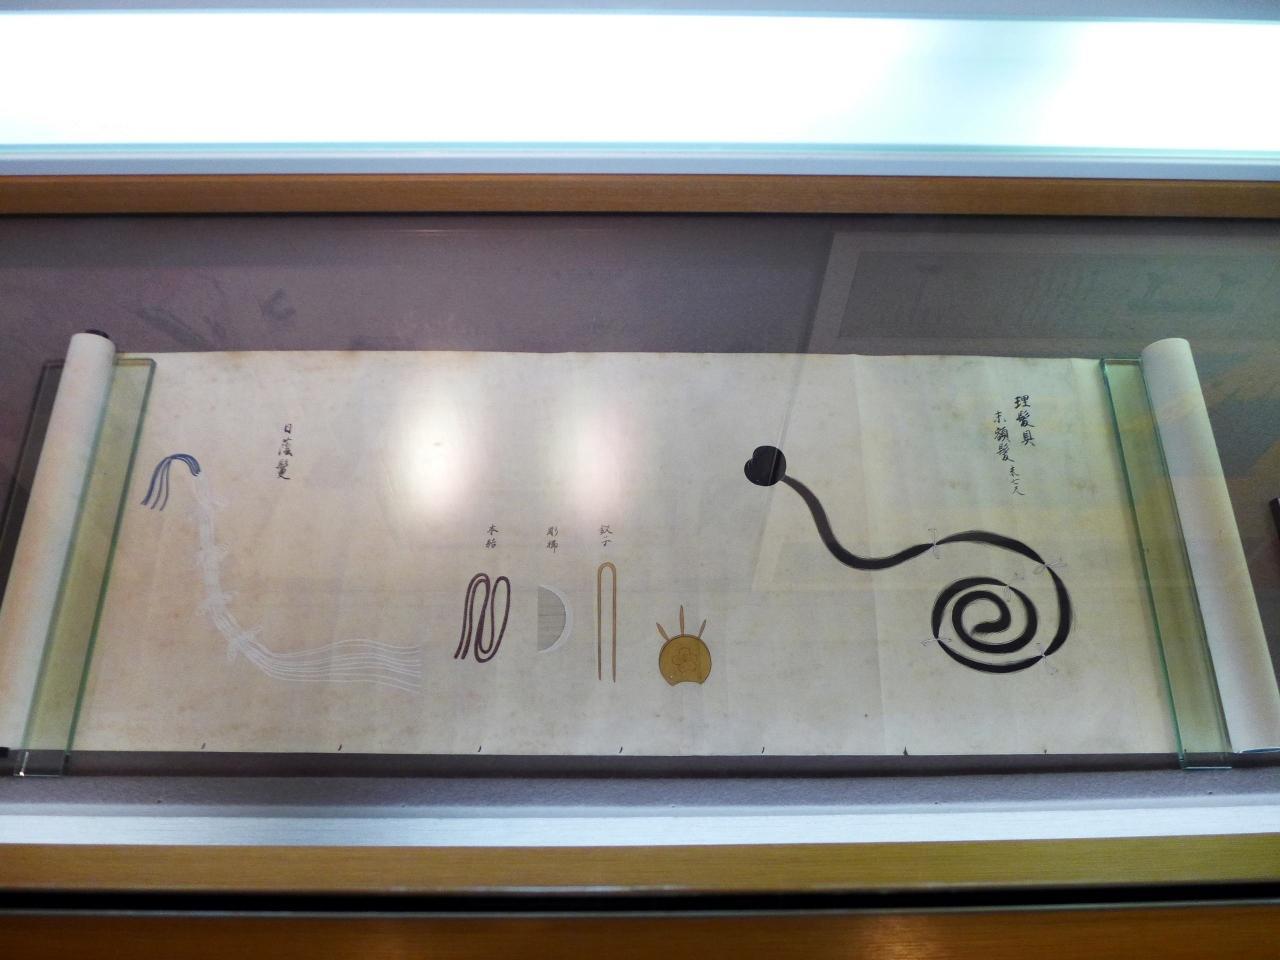 05.夏休みの千葉を訪ねる2泊 国立歴史民俗博物館その4 第2展示室その1 中世